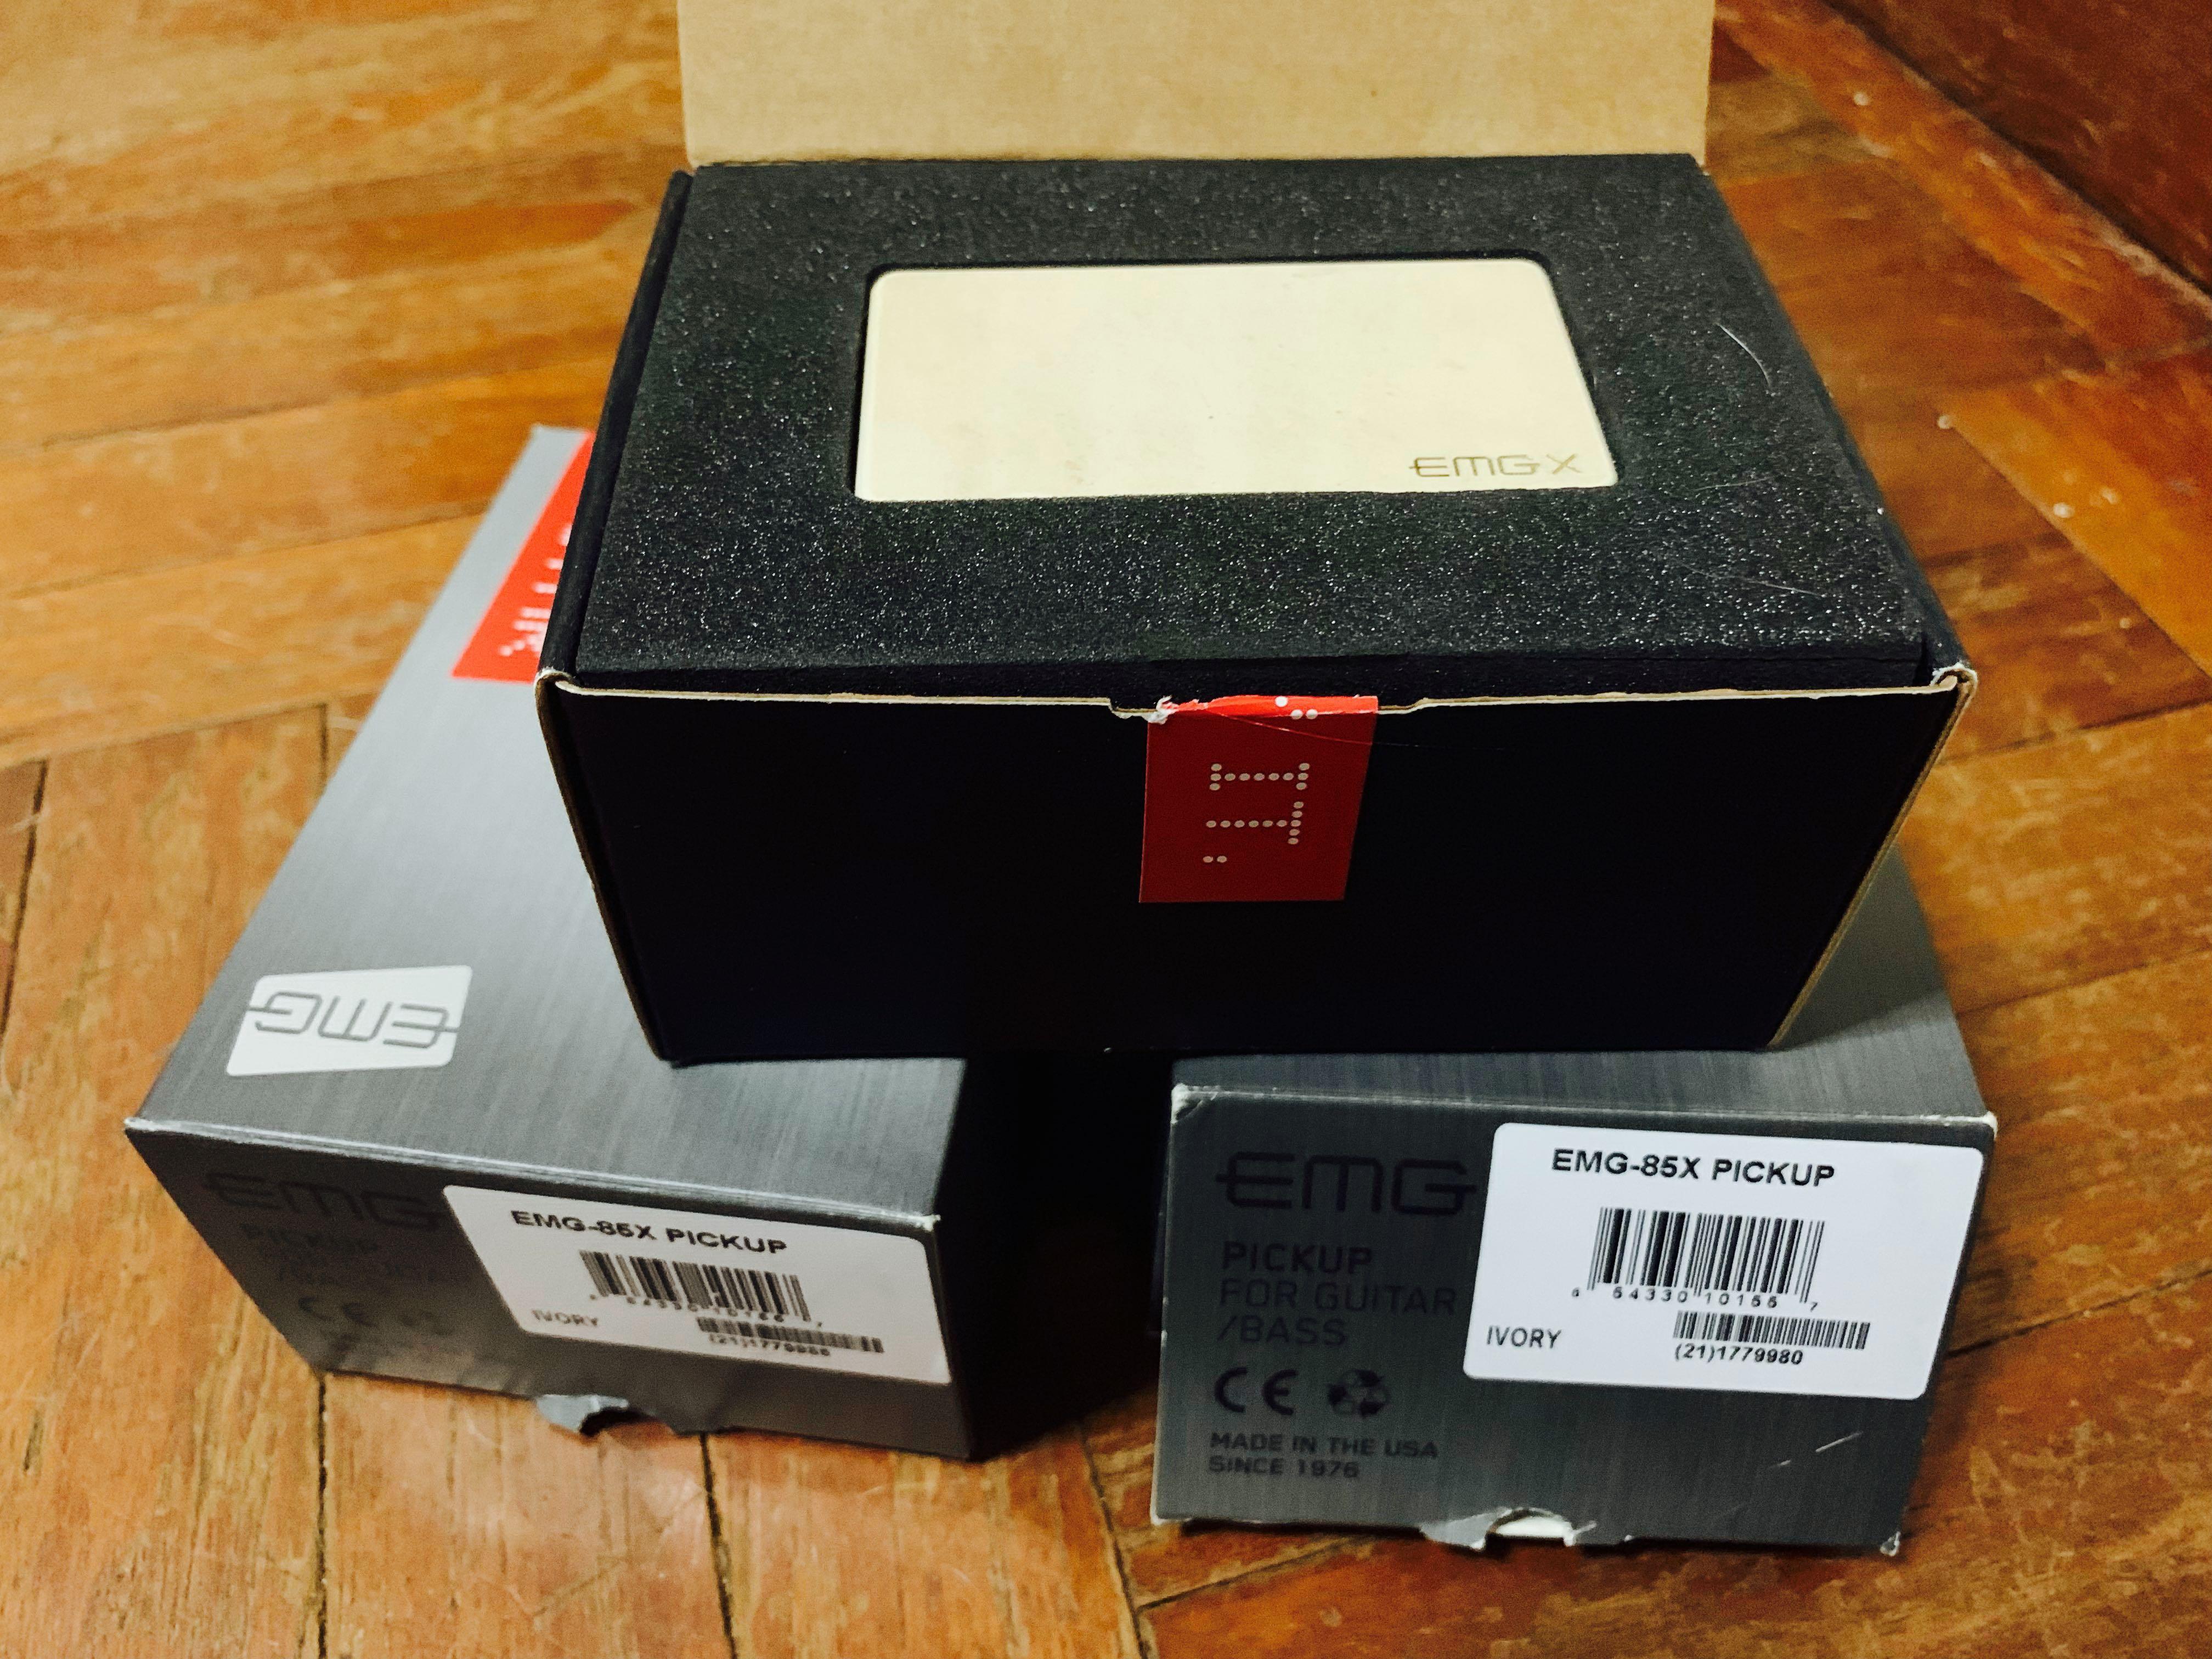 2 EMG 85X pickups for sale (Ivory)